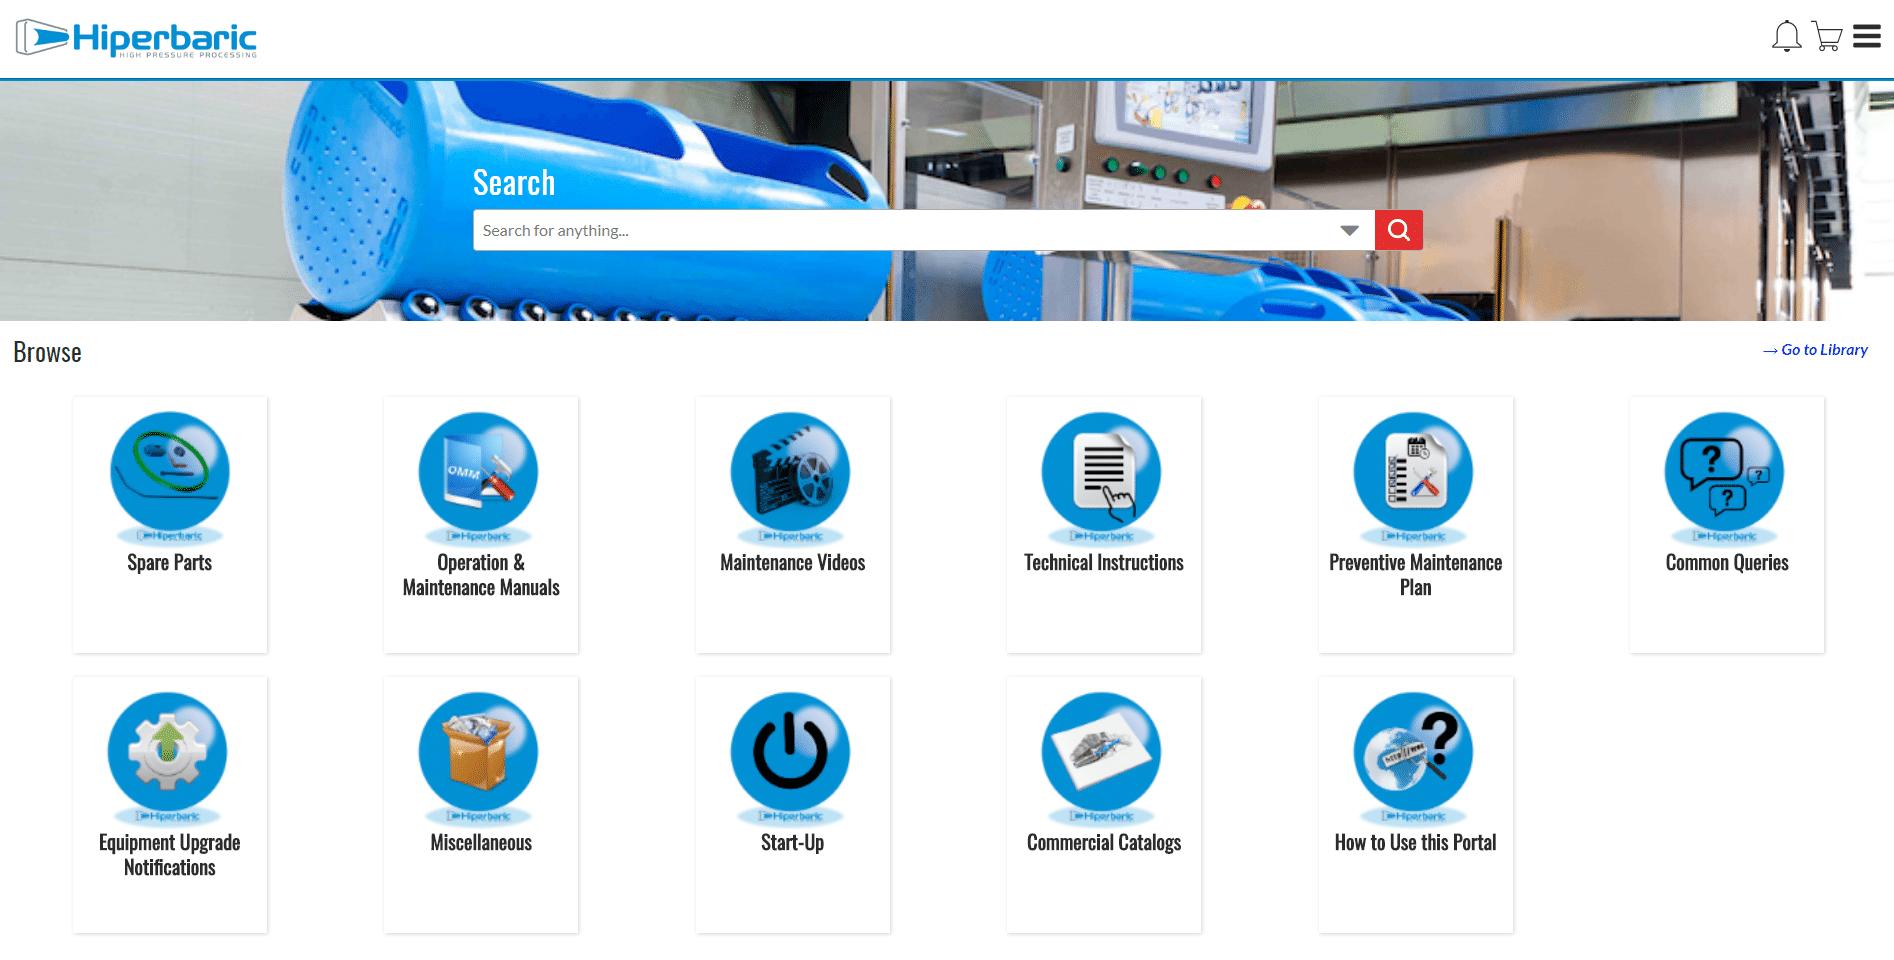 El Portal de Postventa provee a sus clientes de información y las posibilidades de mantenimiento, reparaciones, pedidos de piezas, repuestos y servicios ofrecidos por Hiperbaric.